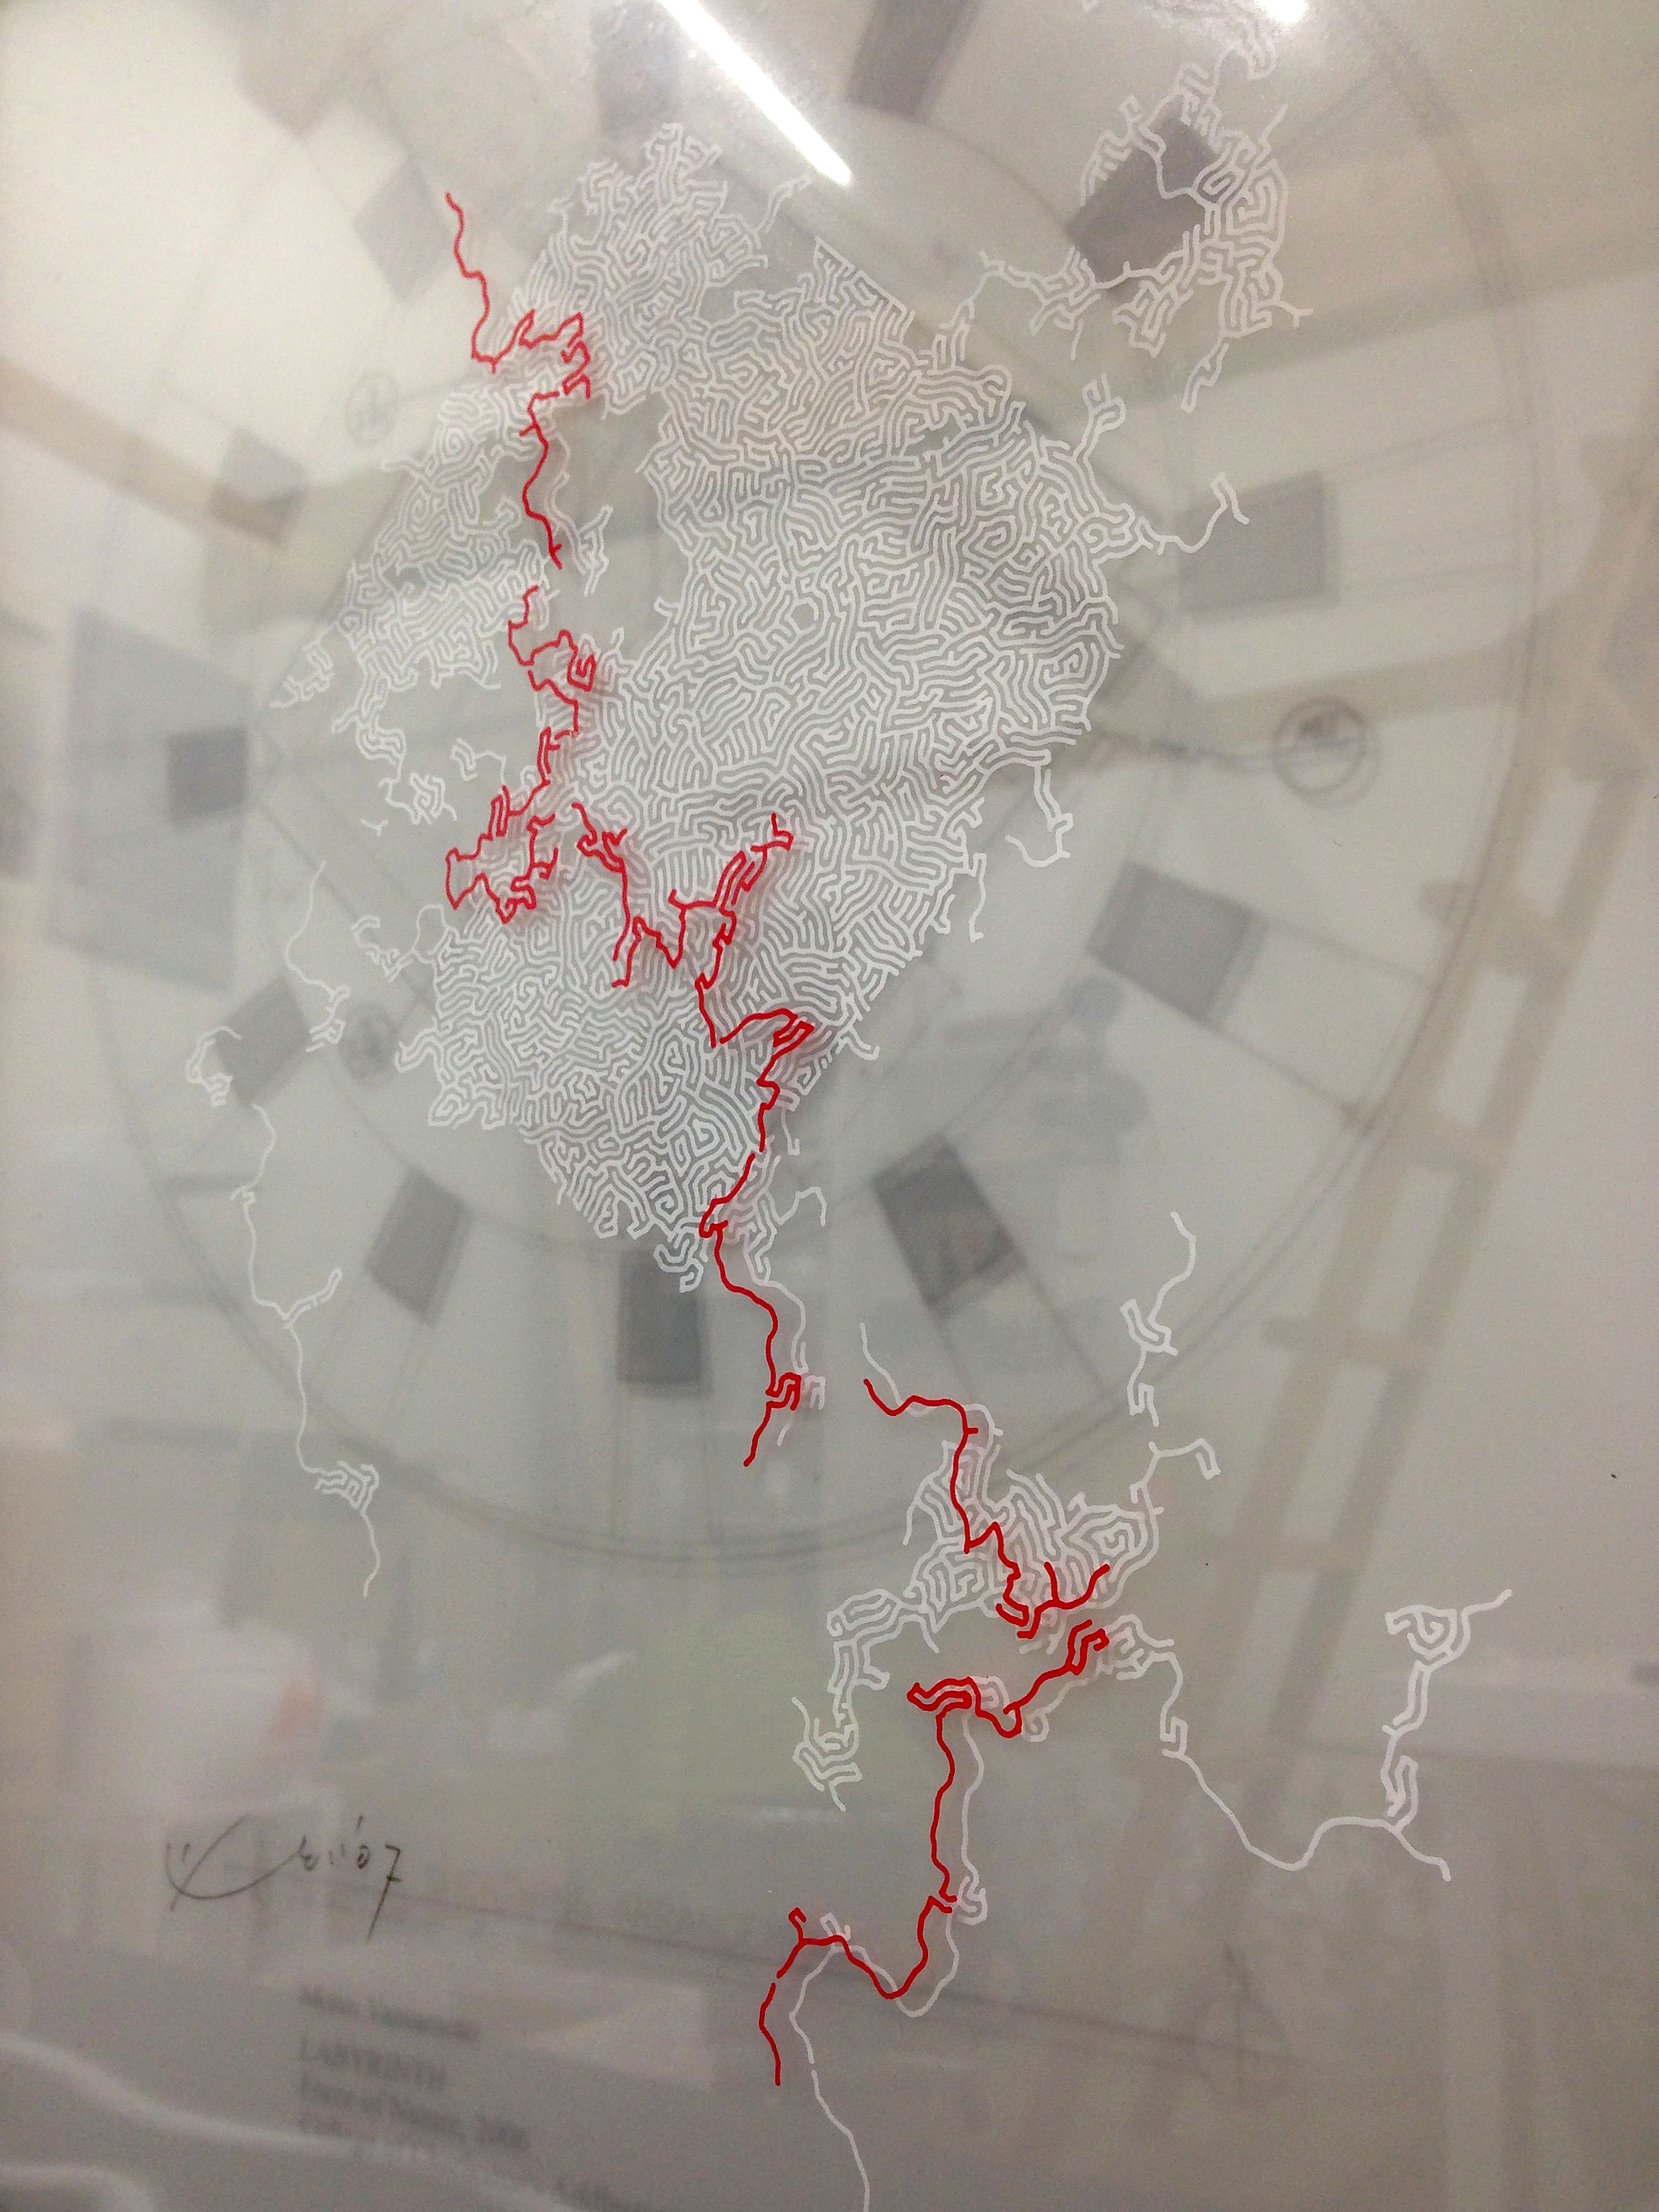 迷宮のドローイング・山本基・トレーシングペーパーをガラスで挟み込んだ作品